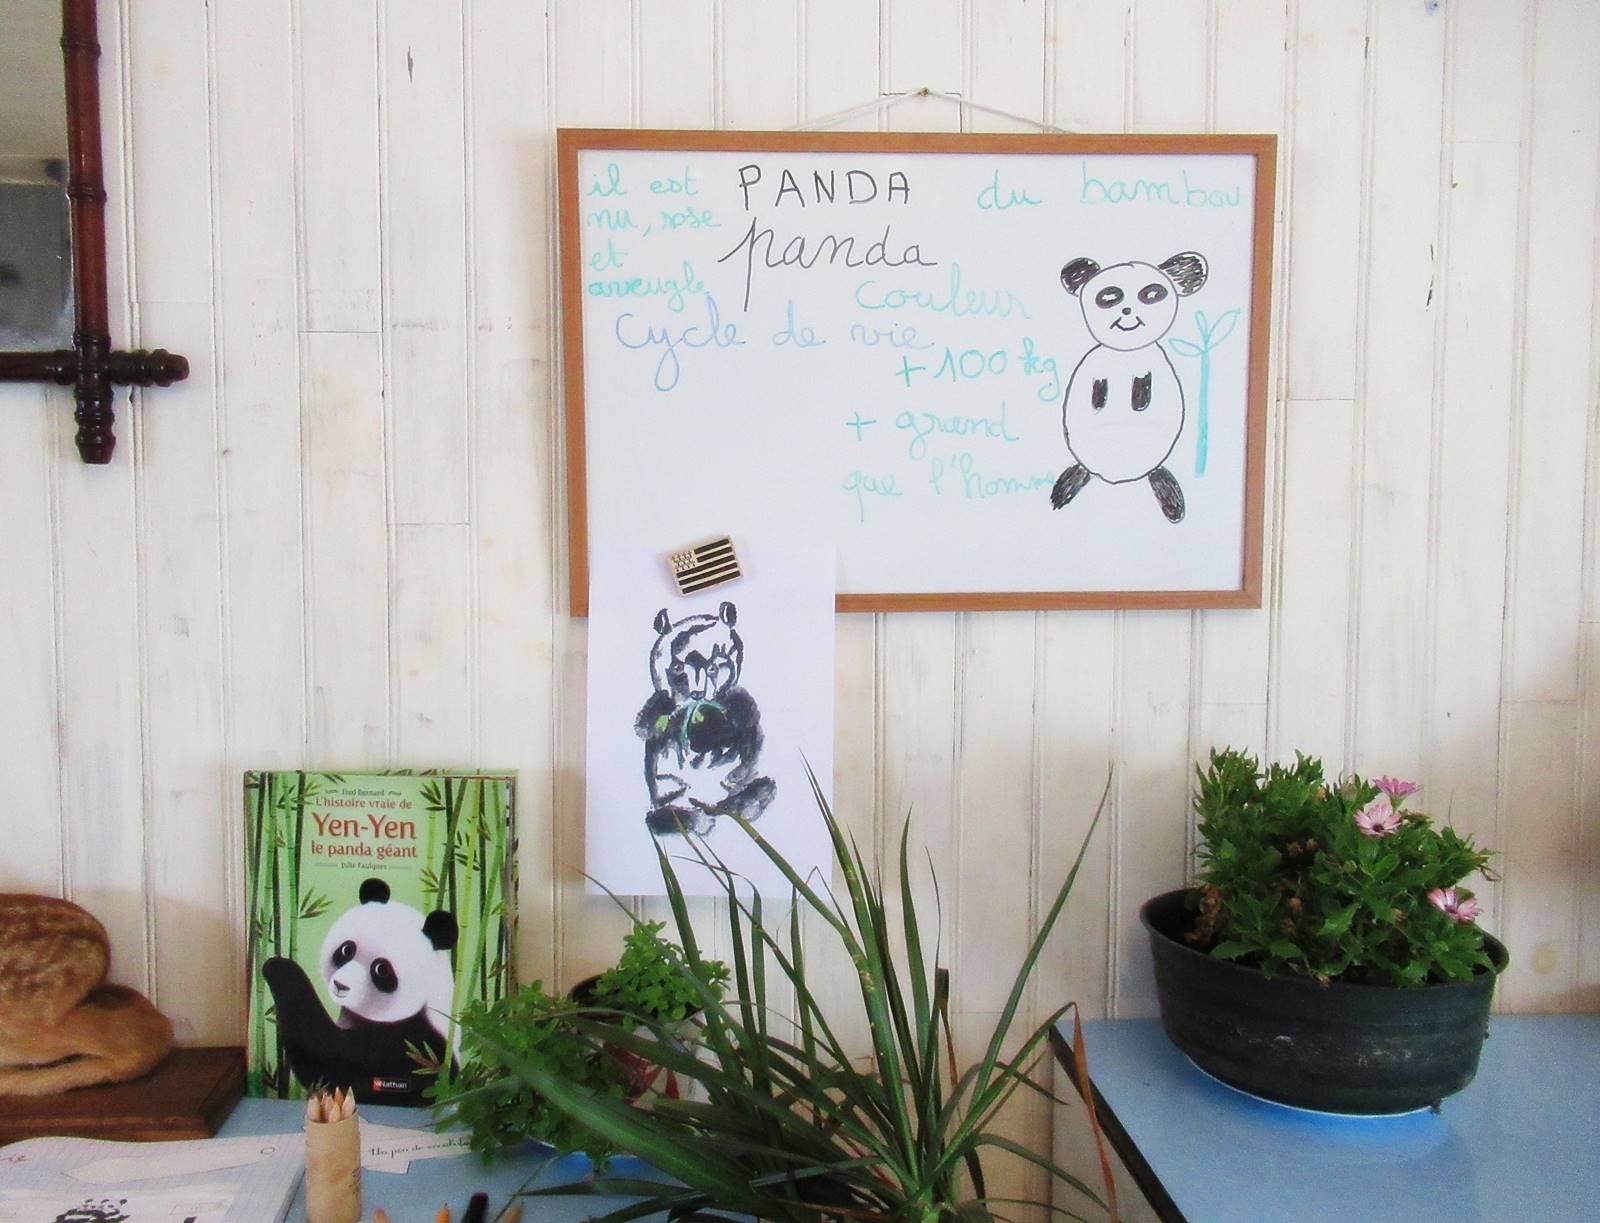 Lapbook panda ief 4